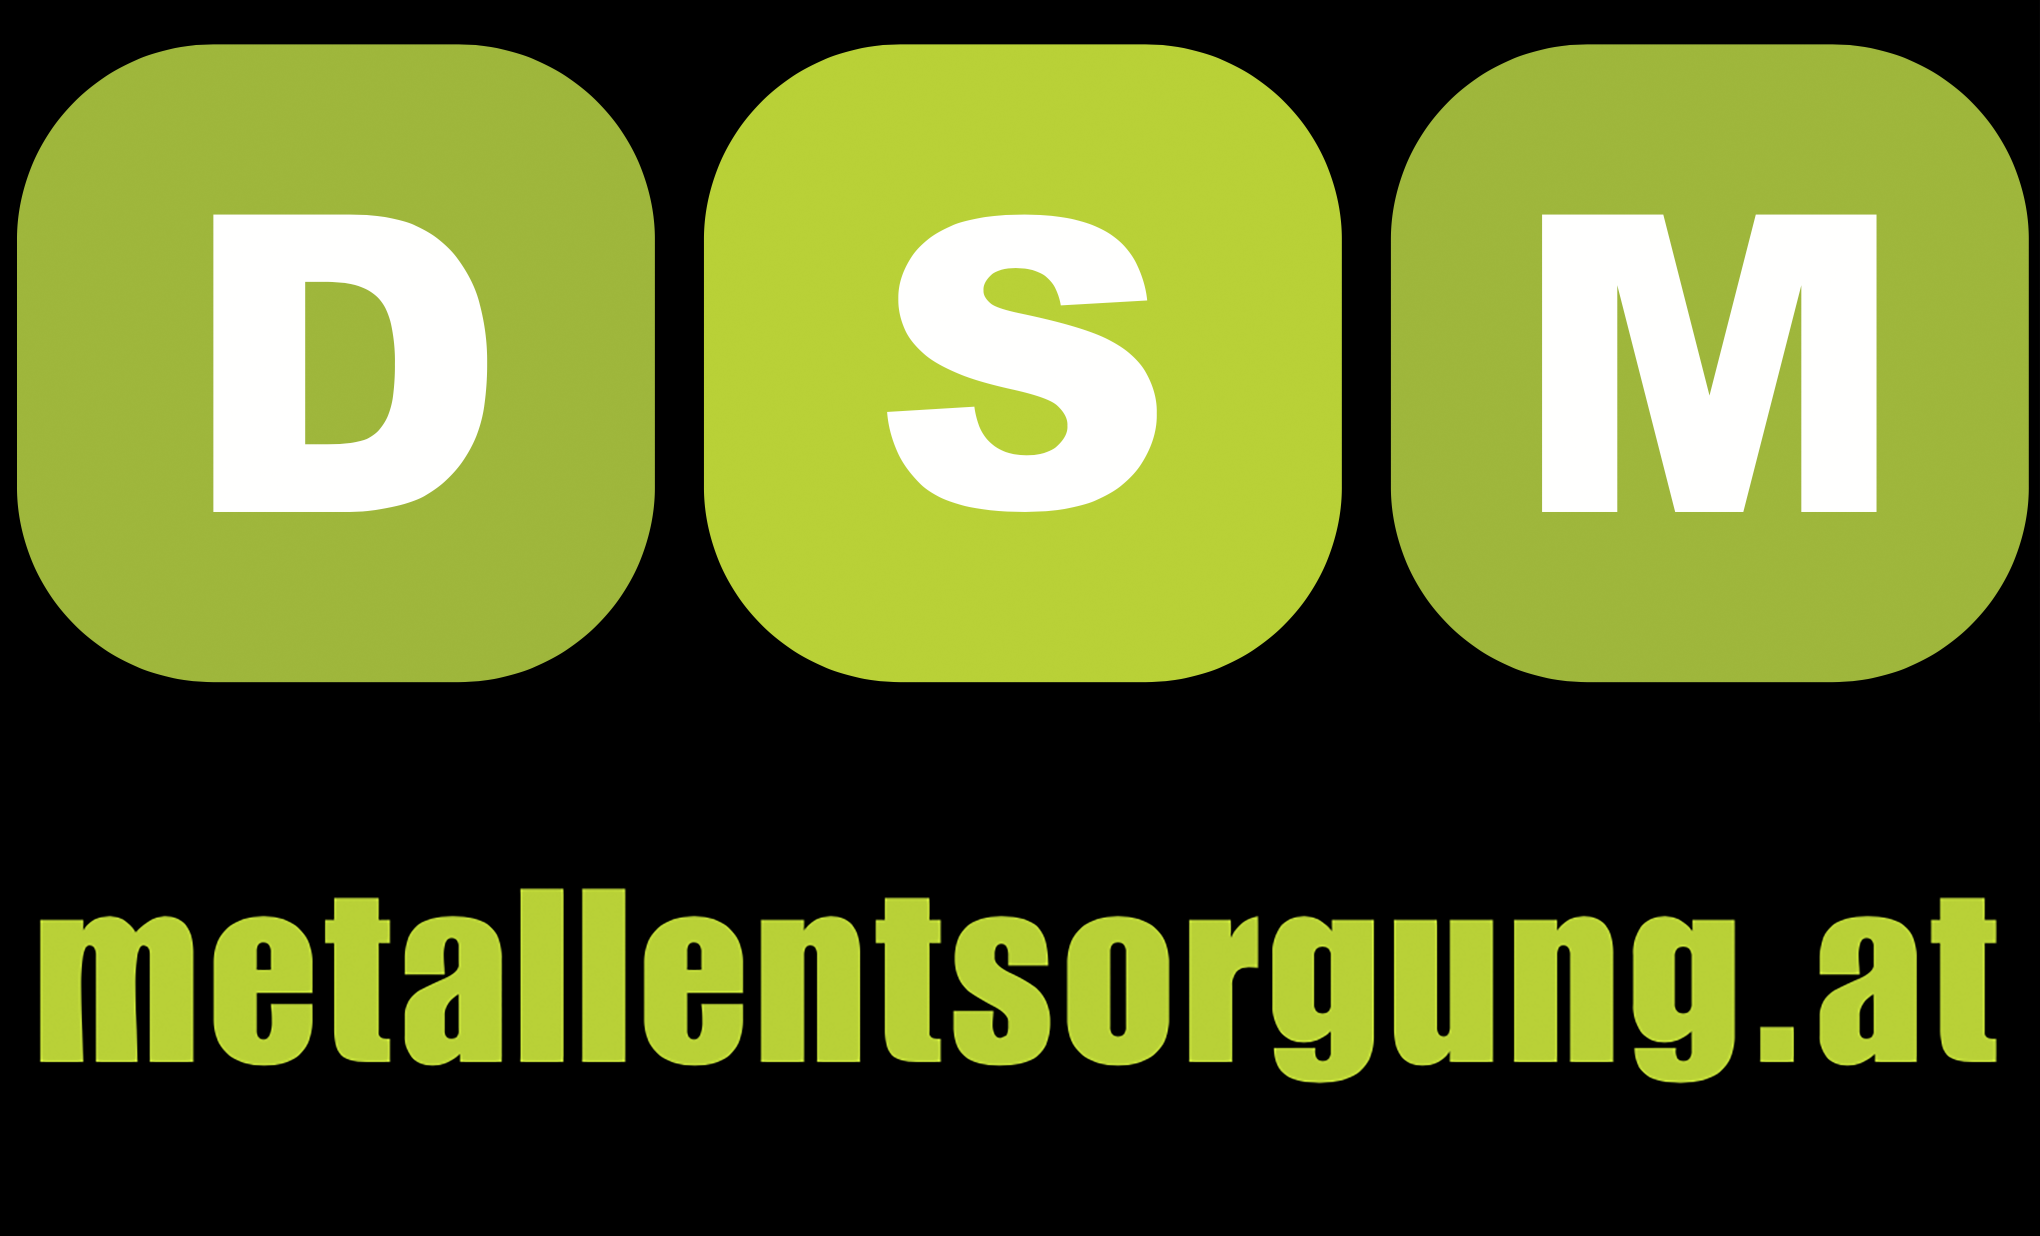 DSM Service GmbH - Stahlhandel in Oberösterreich | Stahlhandel,Altmetall Ankauf und Verkauf,Demontage,Abbruch,Zuschnitt,Blechabkantungen,Lieferung,Altmetall,Recyclebare Metalle,Schrott und Metallverwertung,Abfallwirtschaft,Umweltgerecht